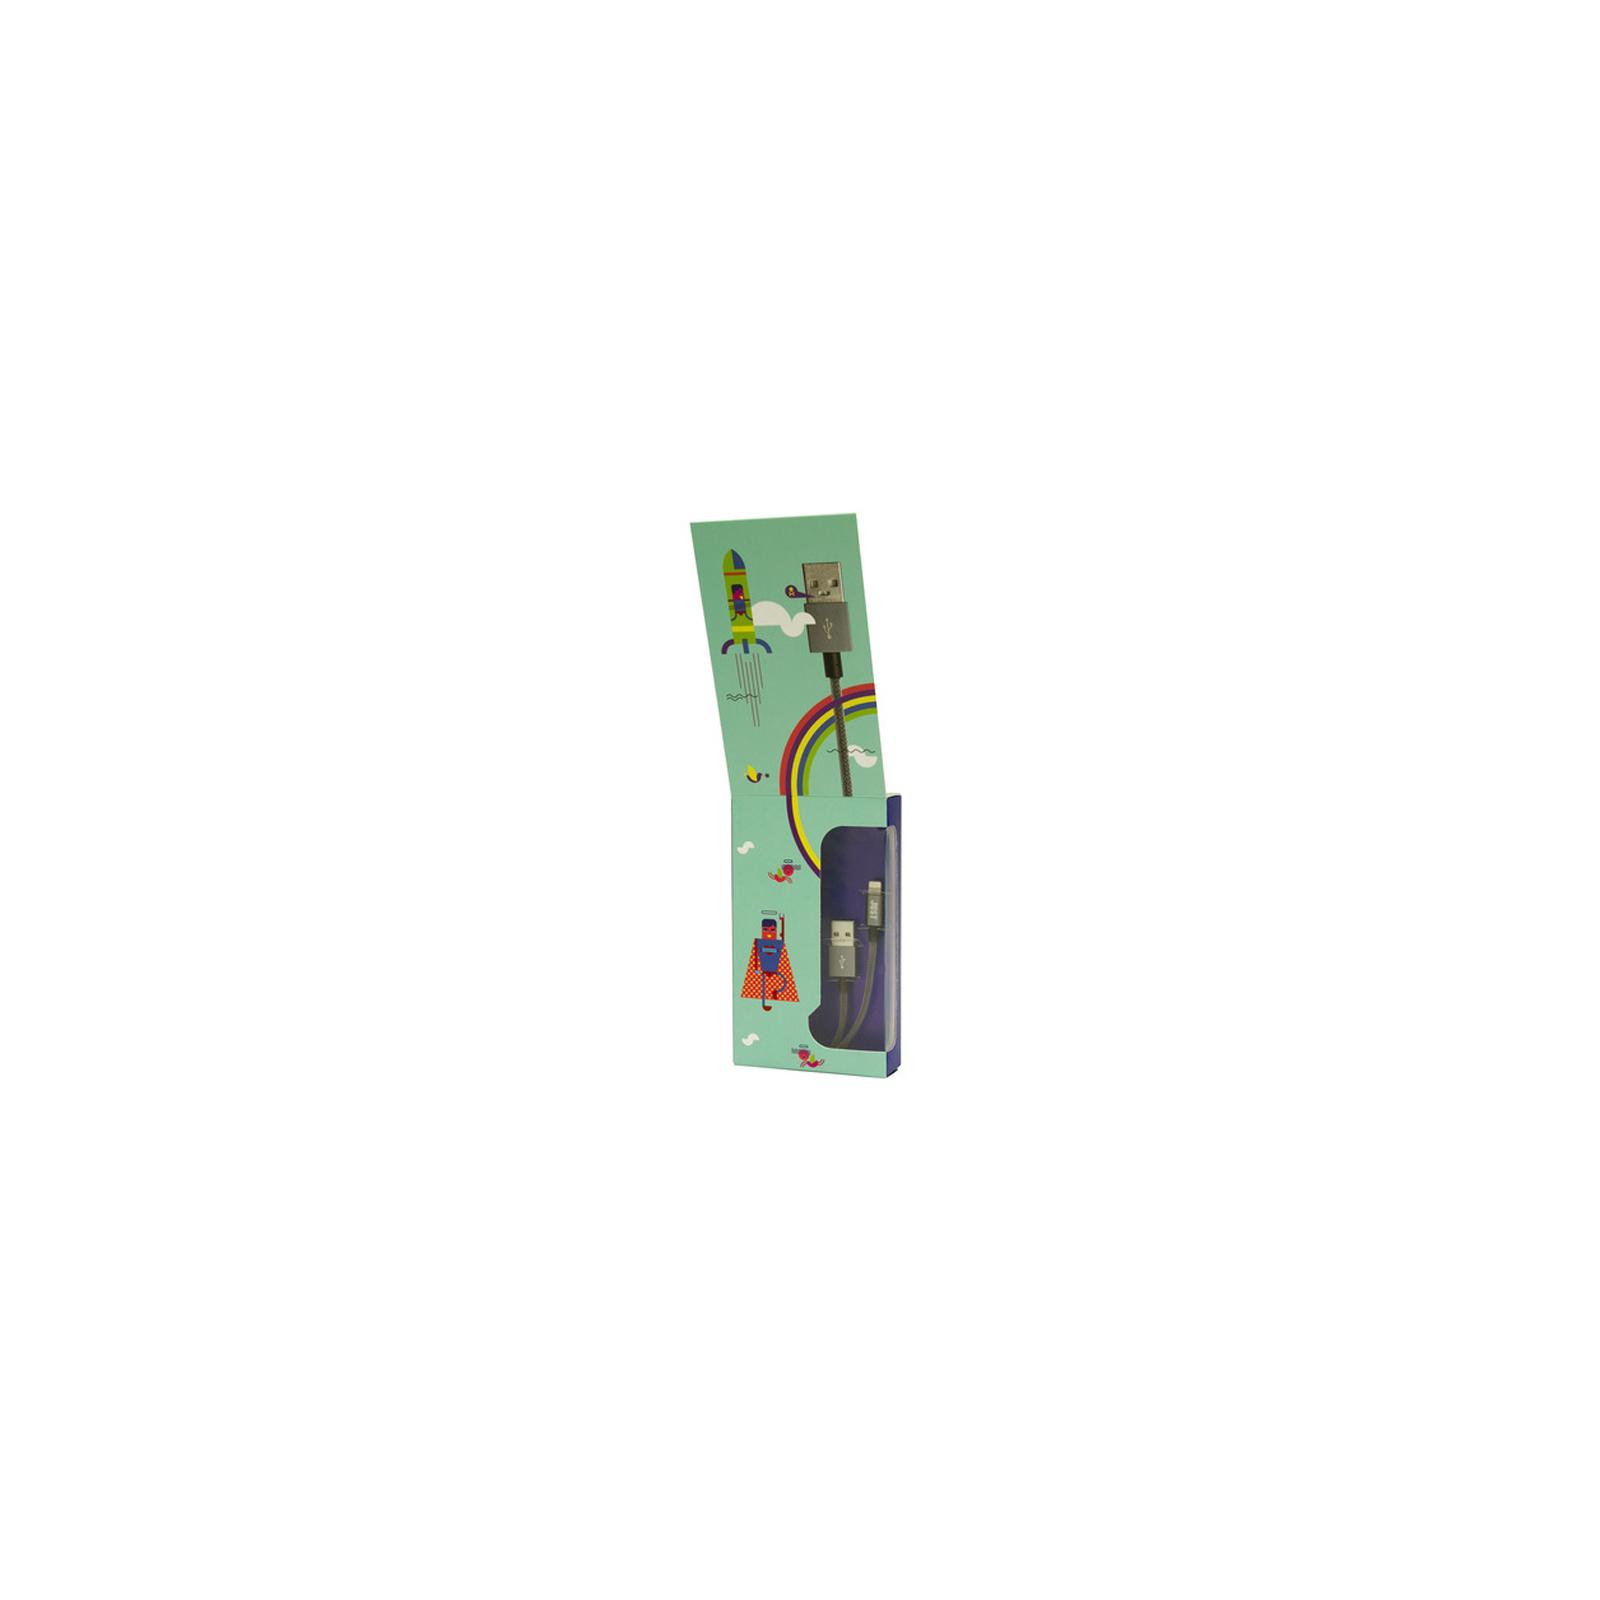 Дата кабель JUST Selection Lightning USB Cable Grey (LGTNG-SLCN-GR) изображение 3